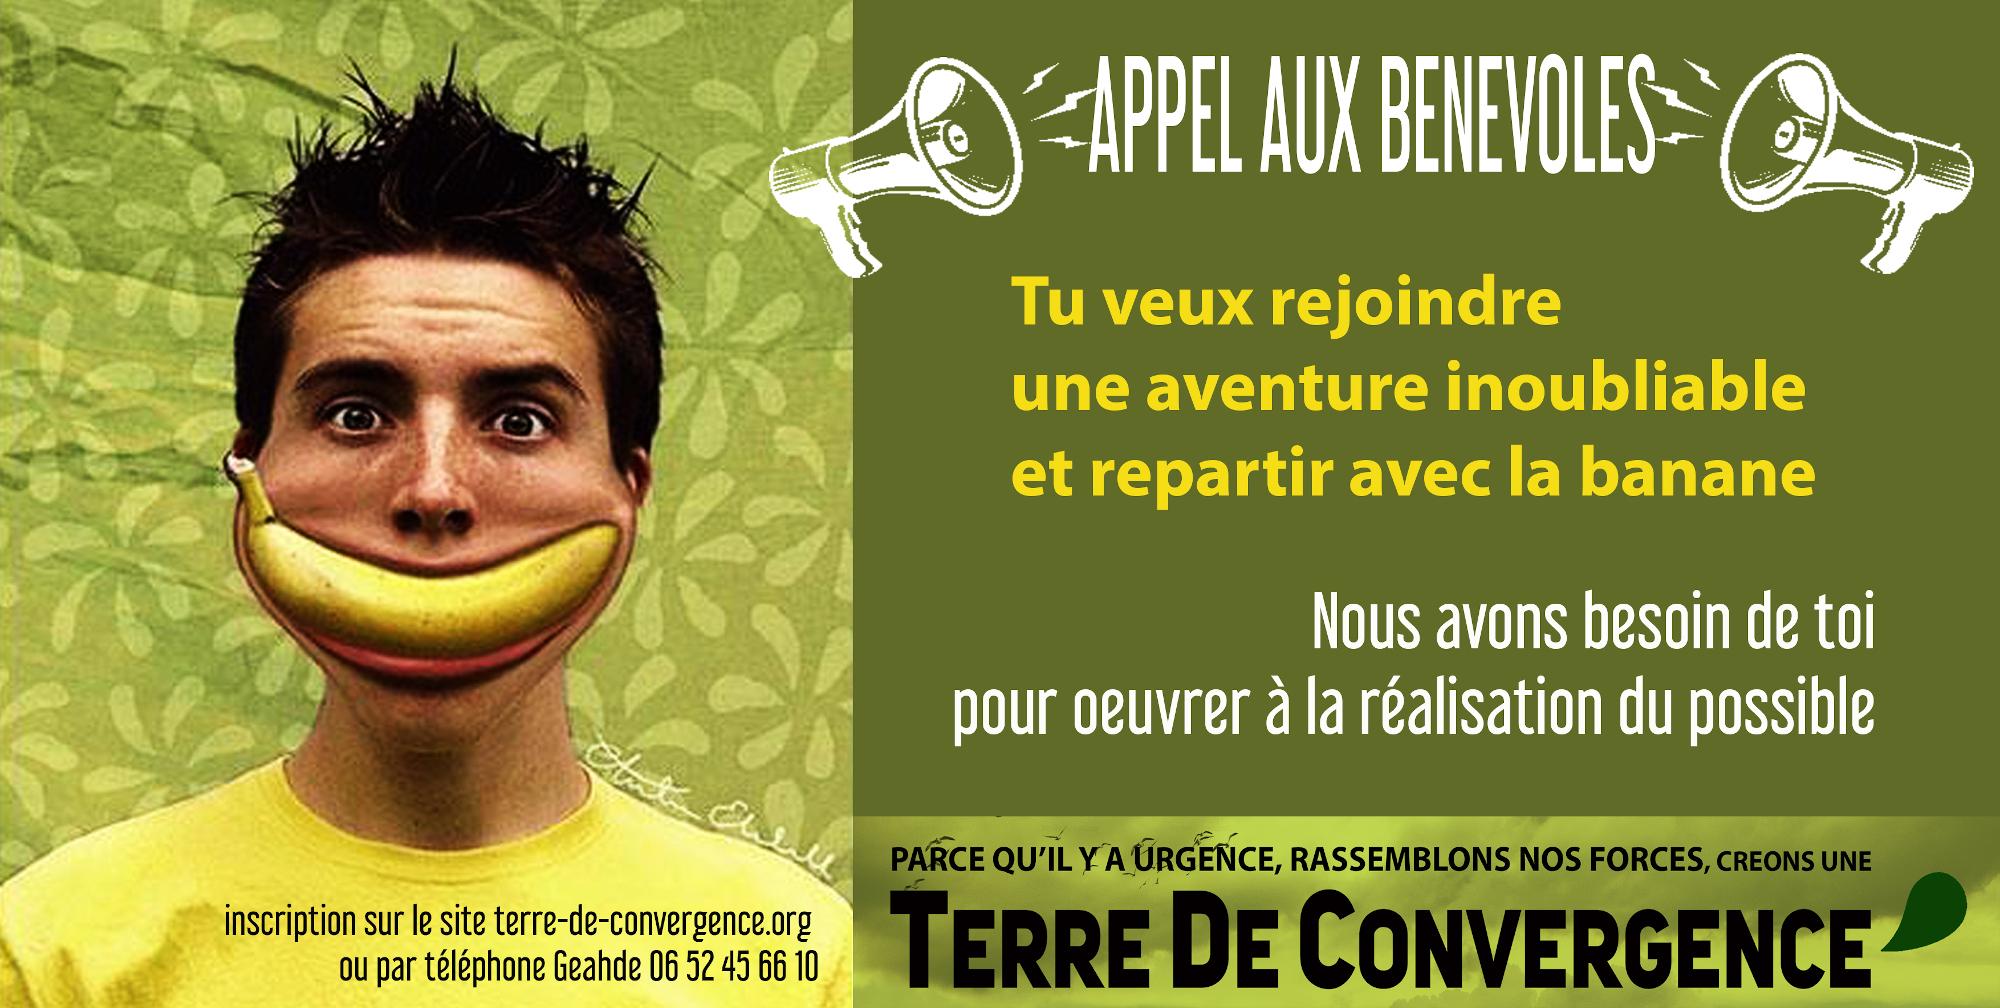 image bandeau_TDC_appel__benevole.jpg (2.1MB)